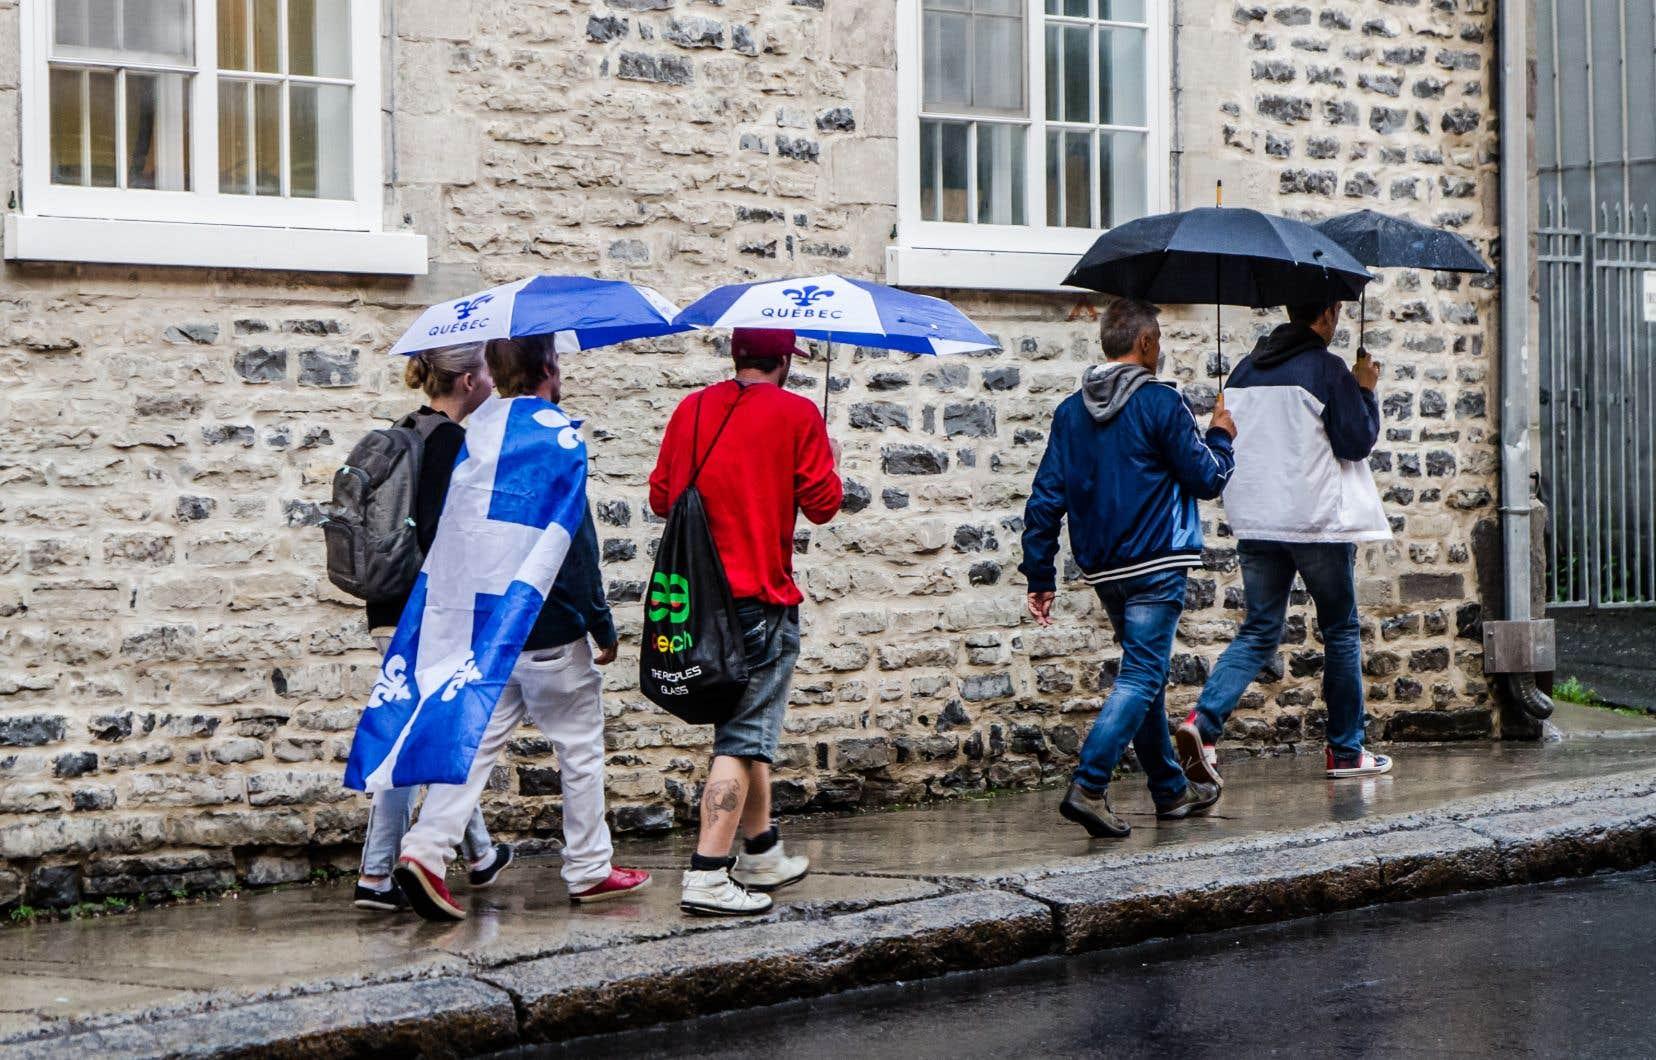 Les jeunes (18-24ans) au Québec ne se sont jamais autant dits «Québécois», et jamais si peu dits «Canadiens français», pense l'auteur.